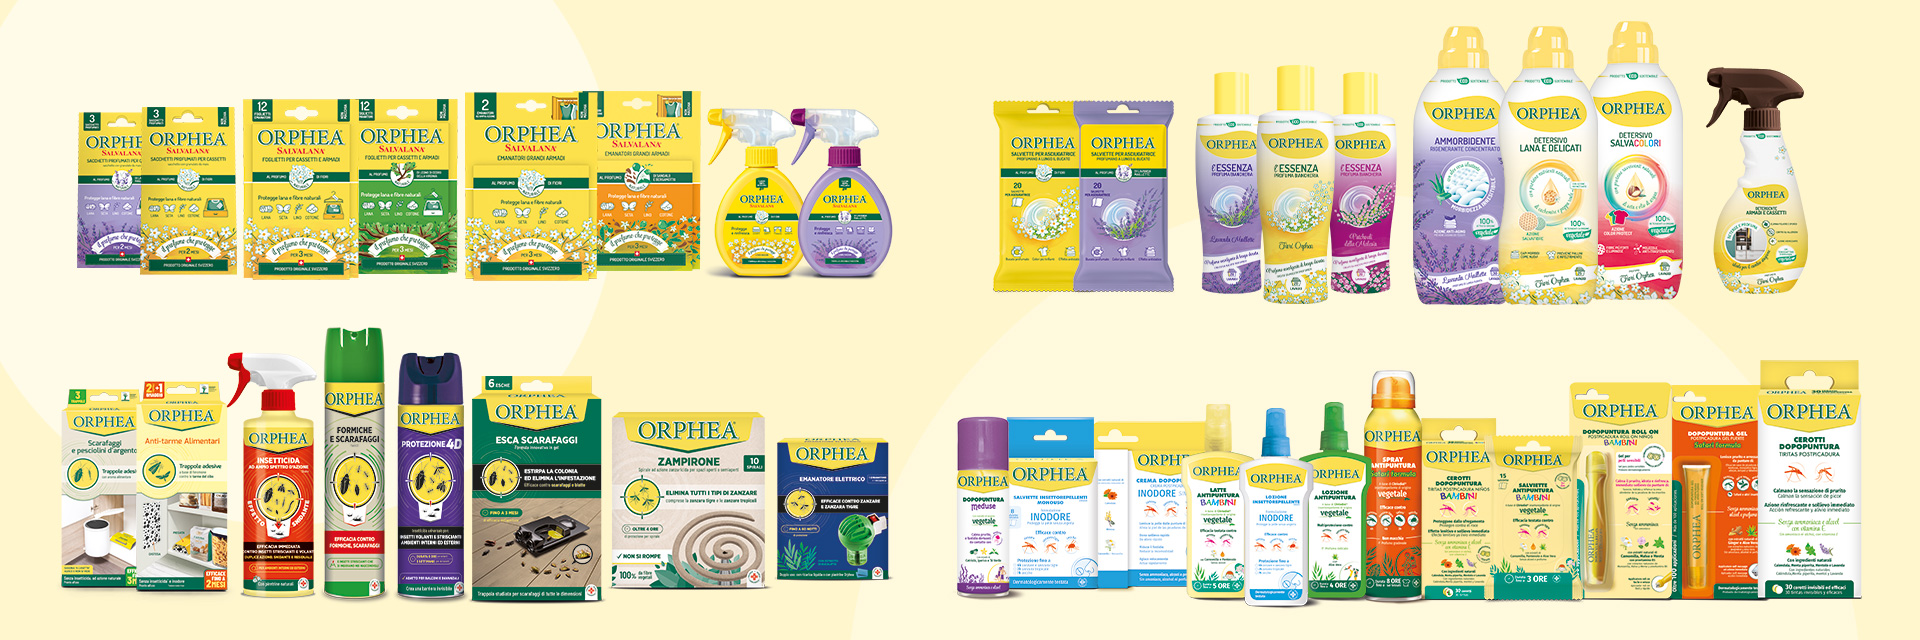 Orphea®: la linea dei prodotti.